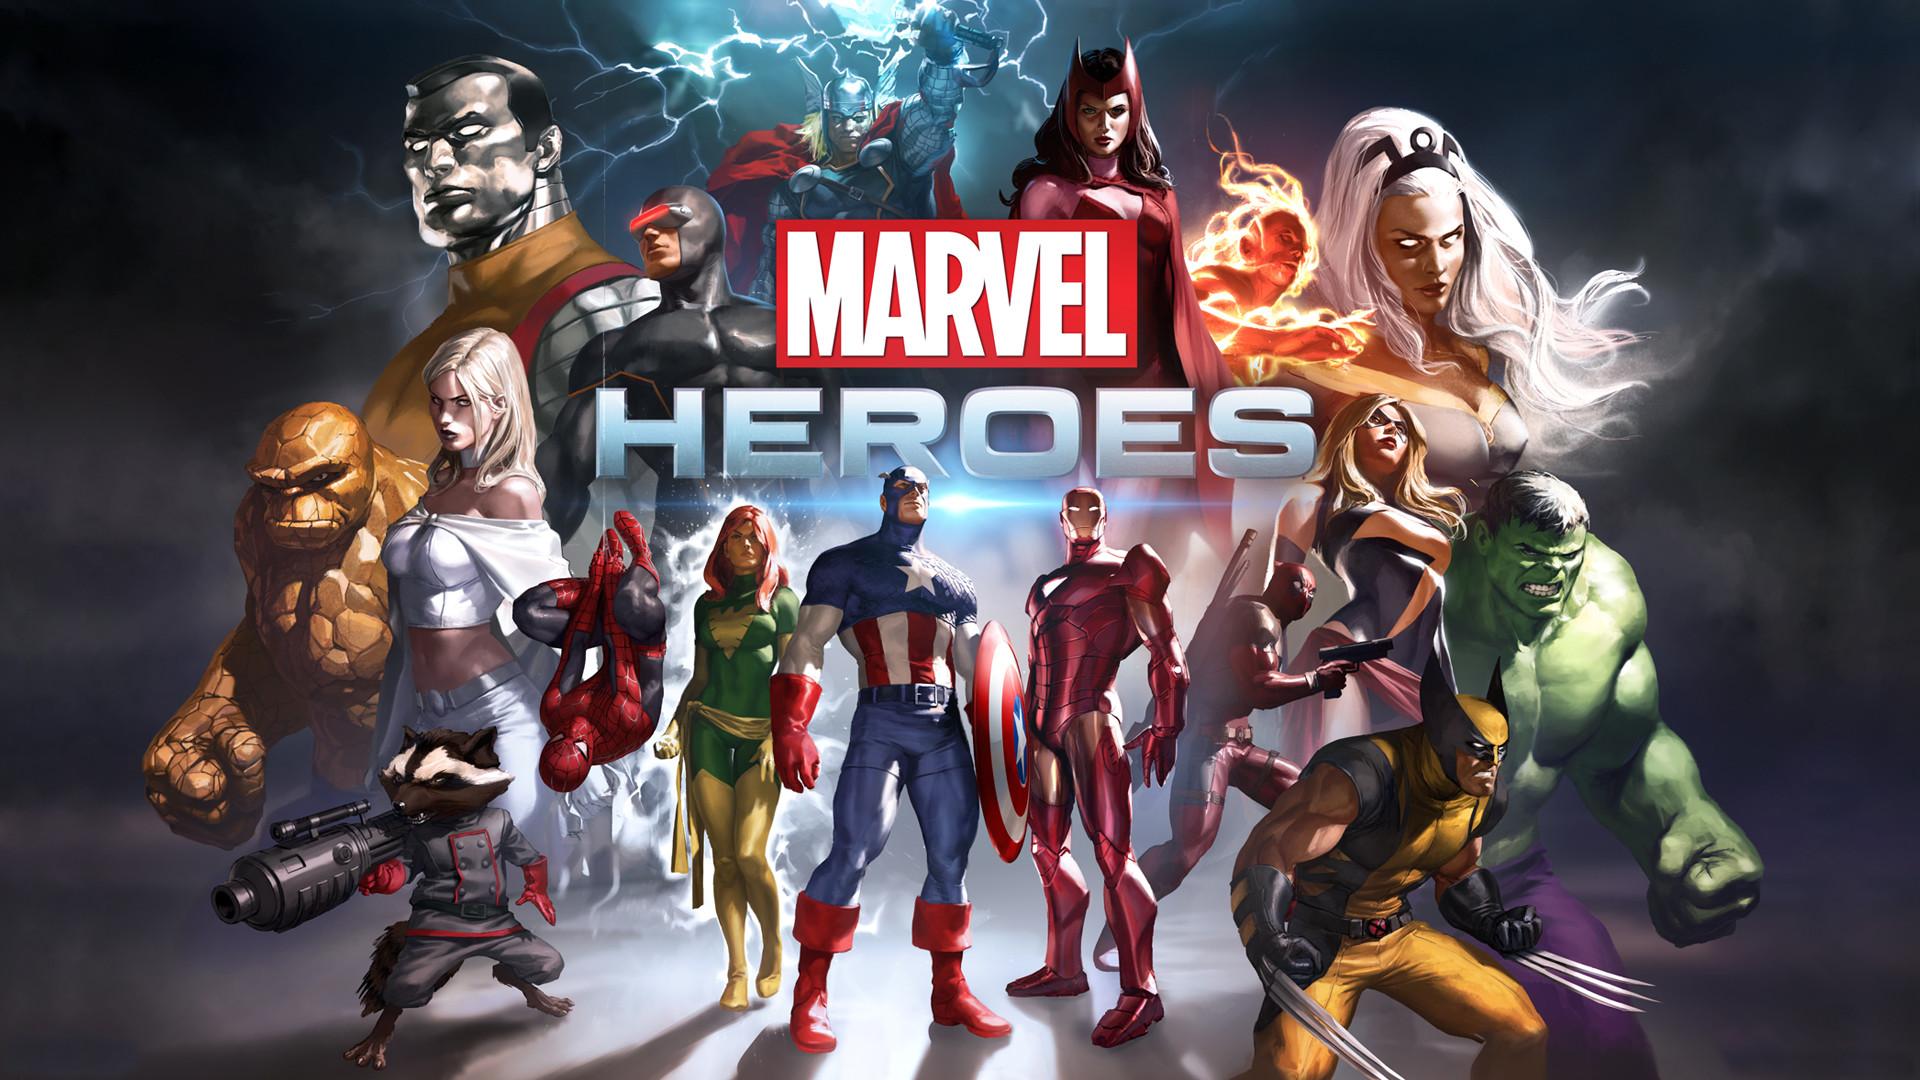 Marvel Heroes Game – This HD Marvel Heroes Game wallpaper is based on Marvel  Heroes Game